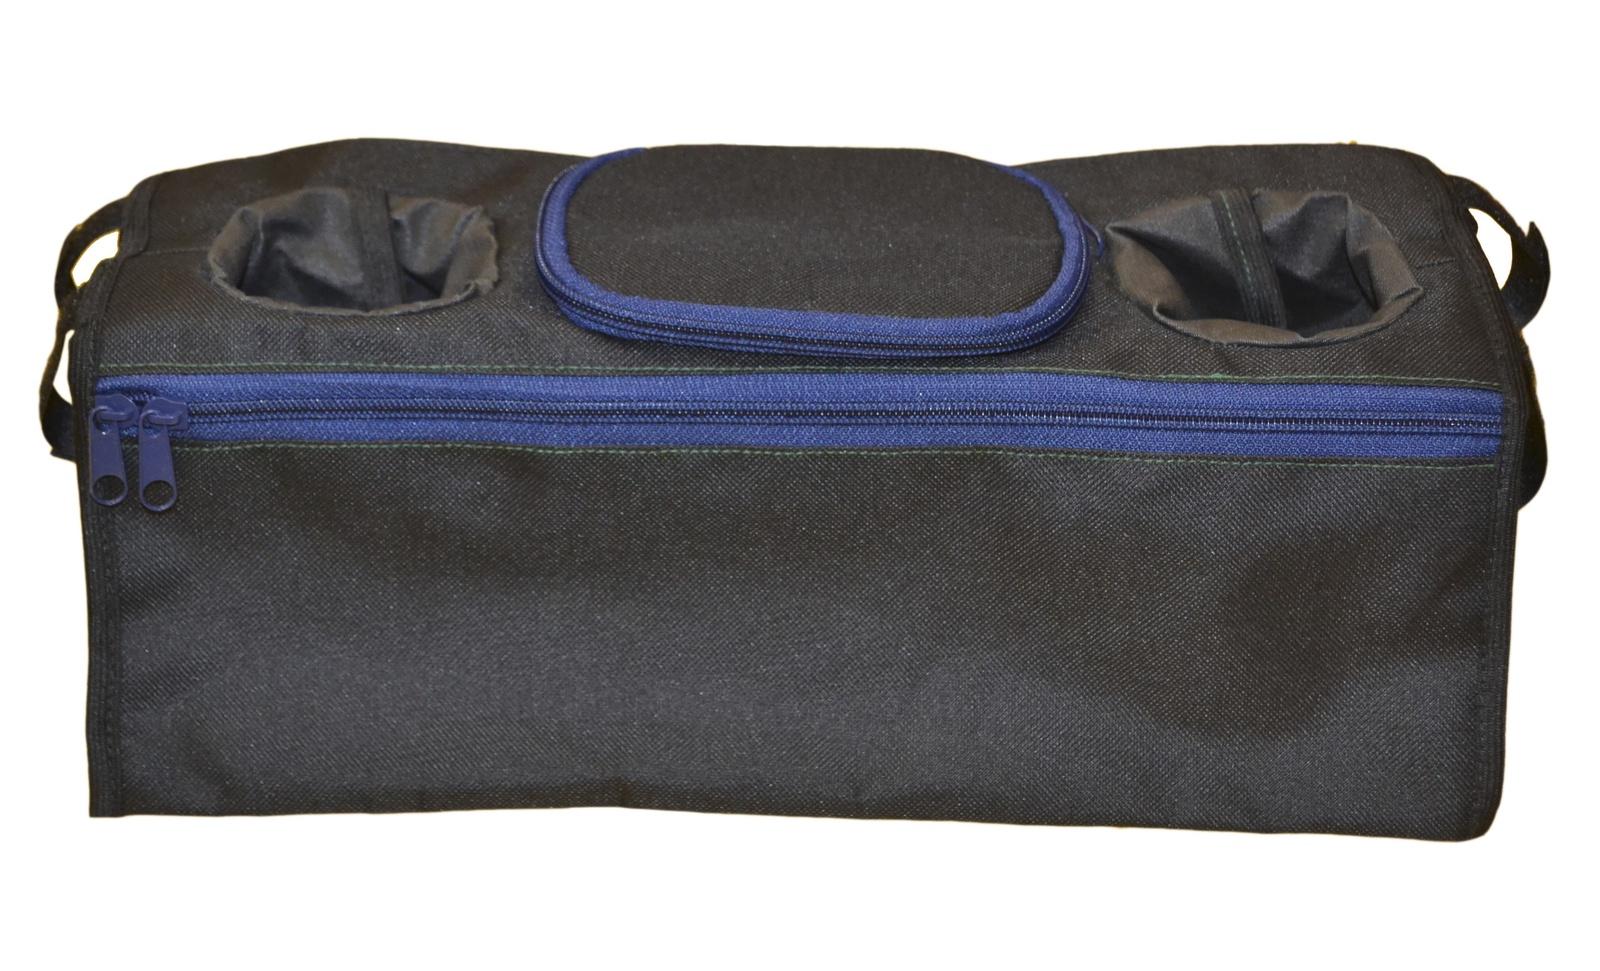 Органайзер-бутылочница для коляски Мирти, 2000020506023, черный муфта tigger warmhands на ручку коляски